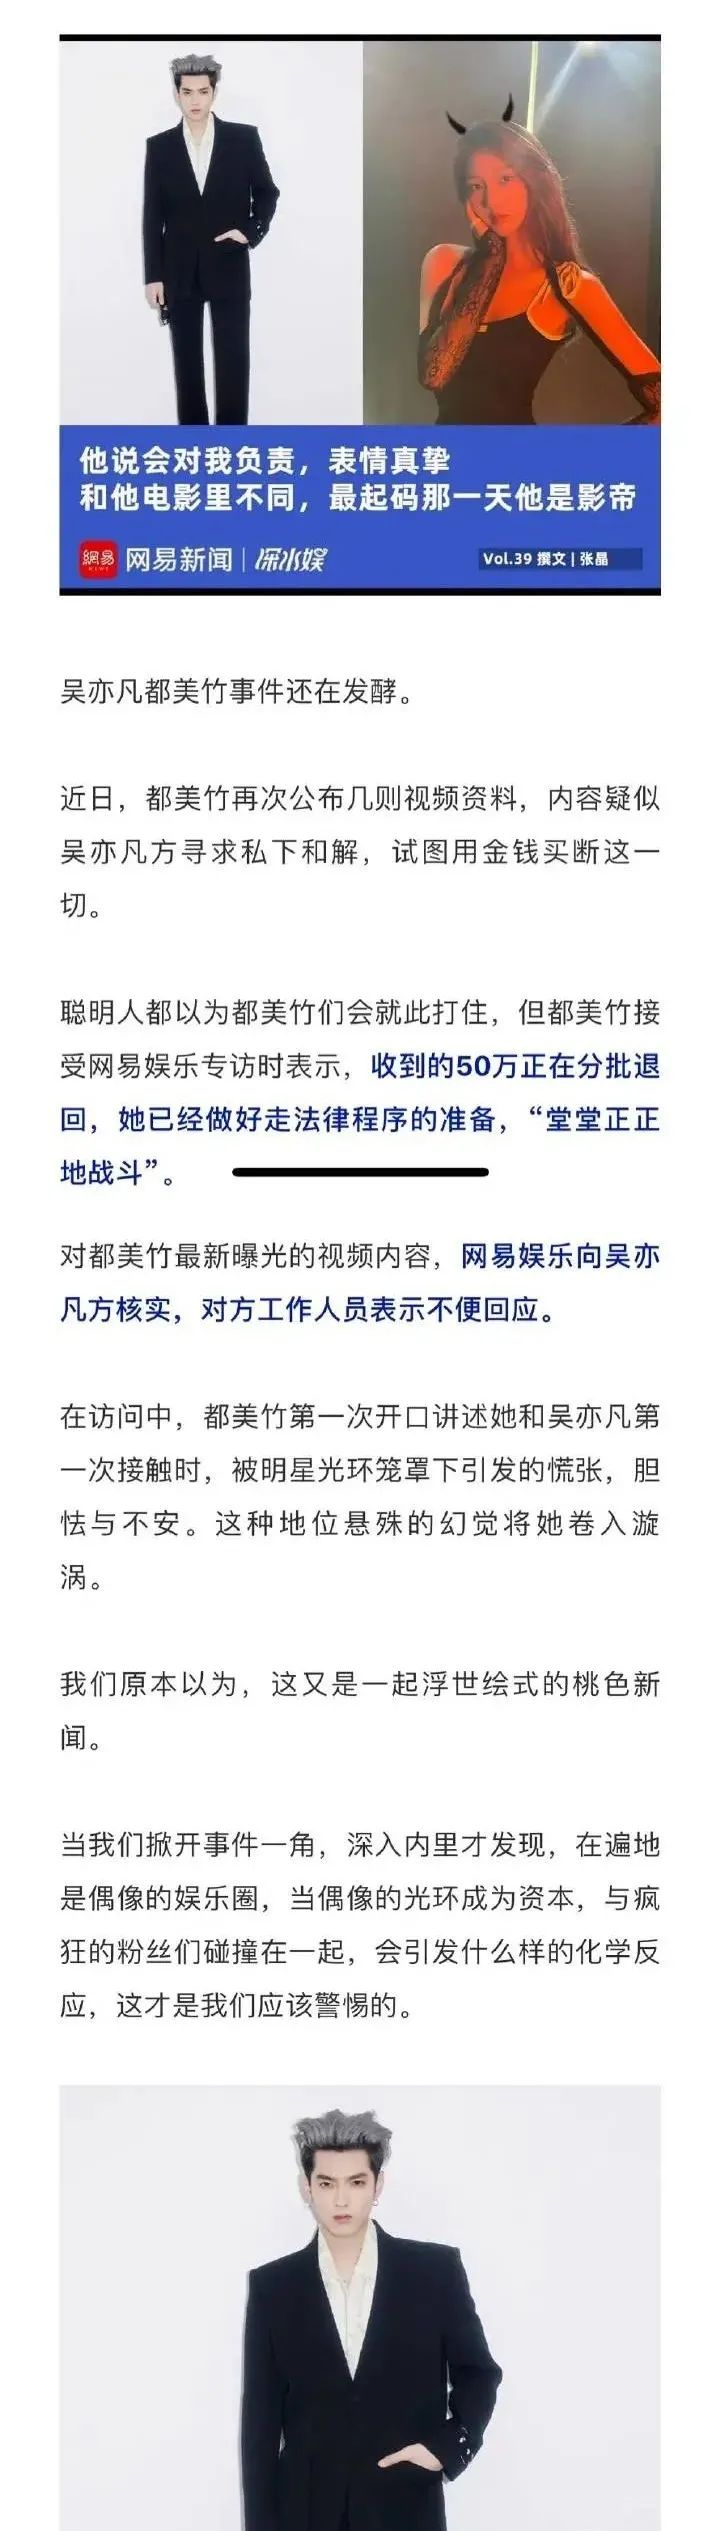 都美竹的独家专访,揭露吴牙签的种种恶迹:吴亦凡